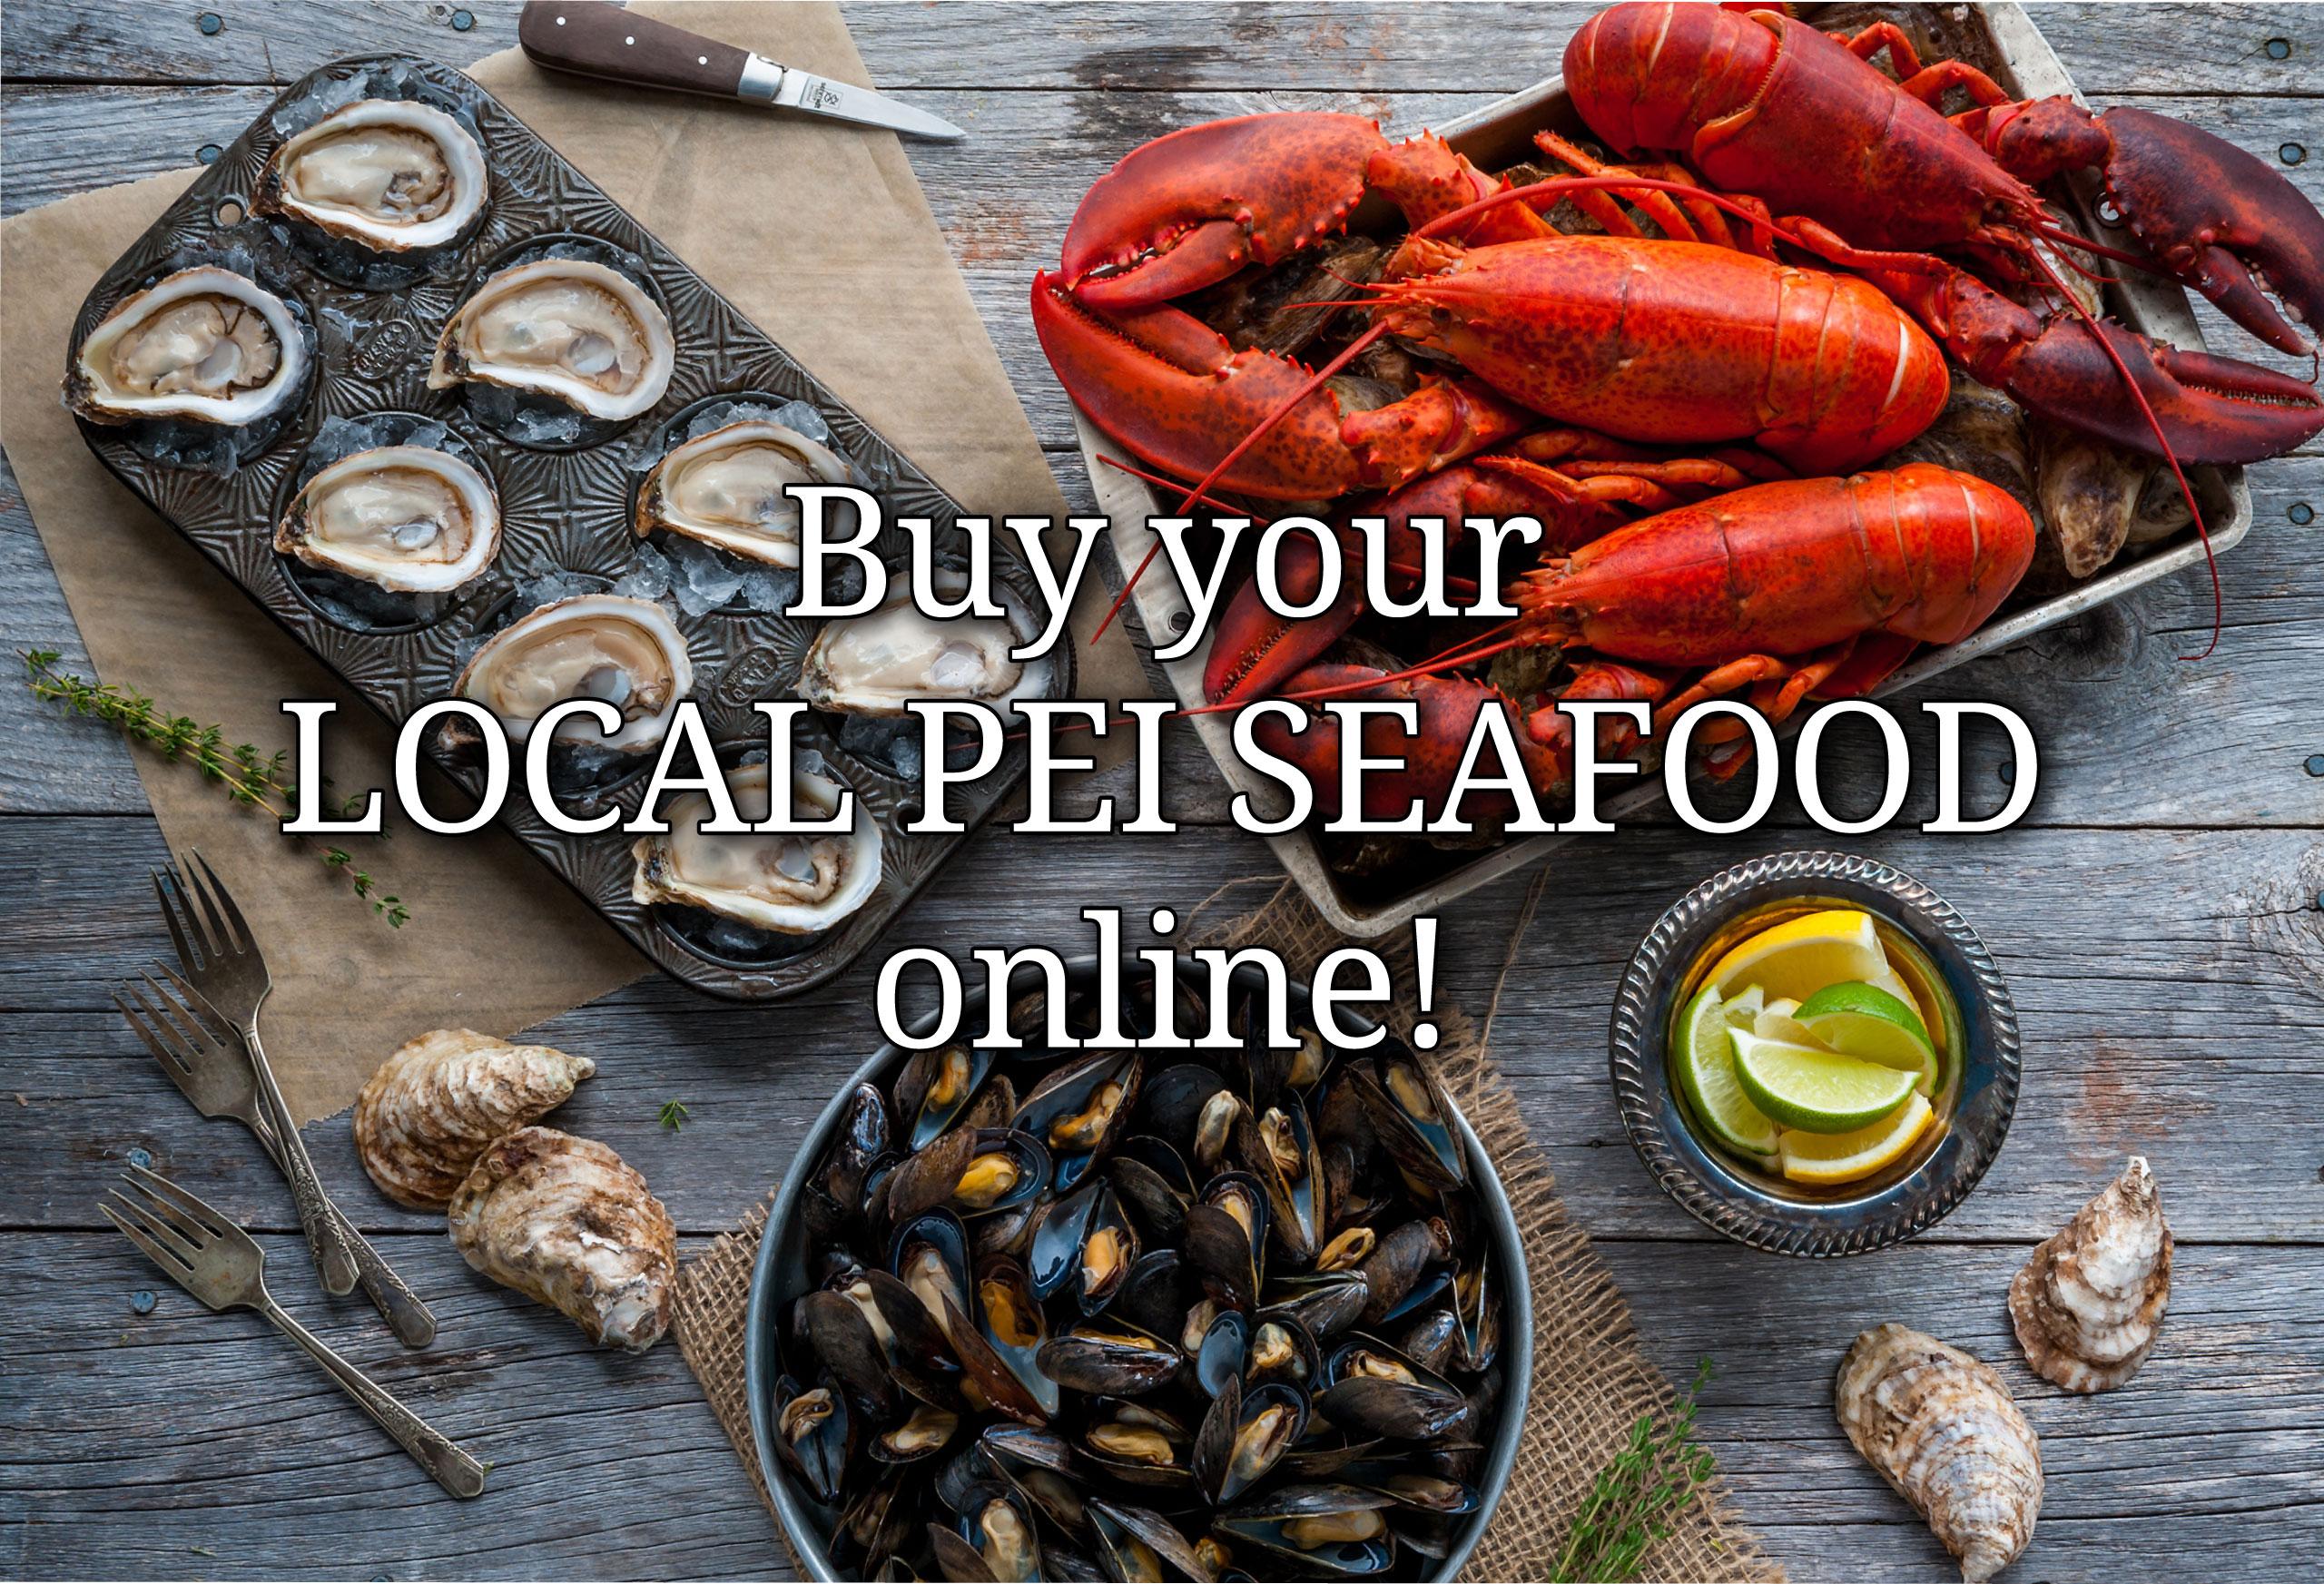 Buy PEI Seafood Online!